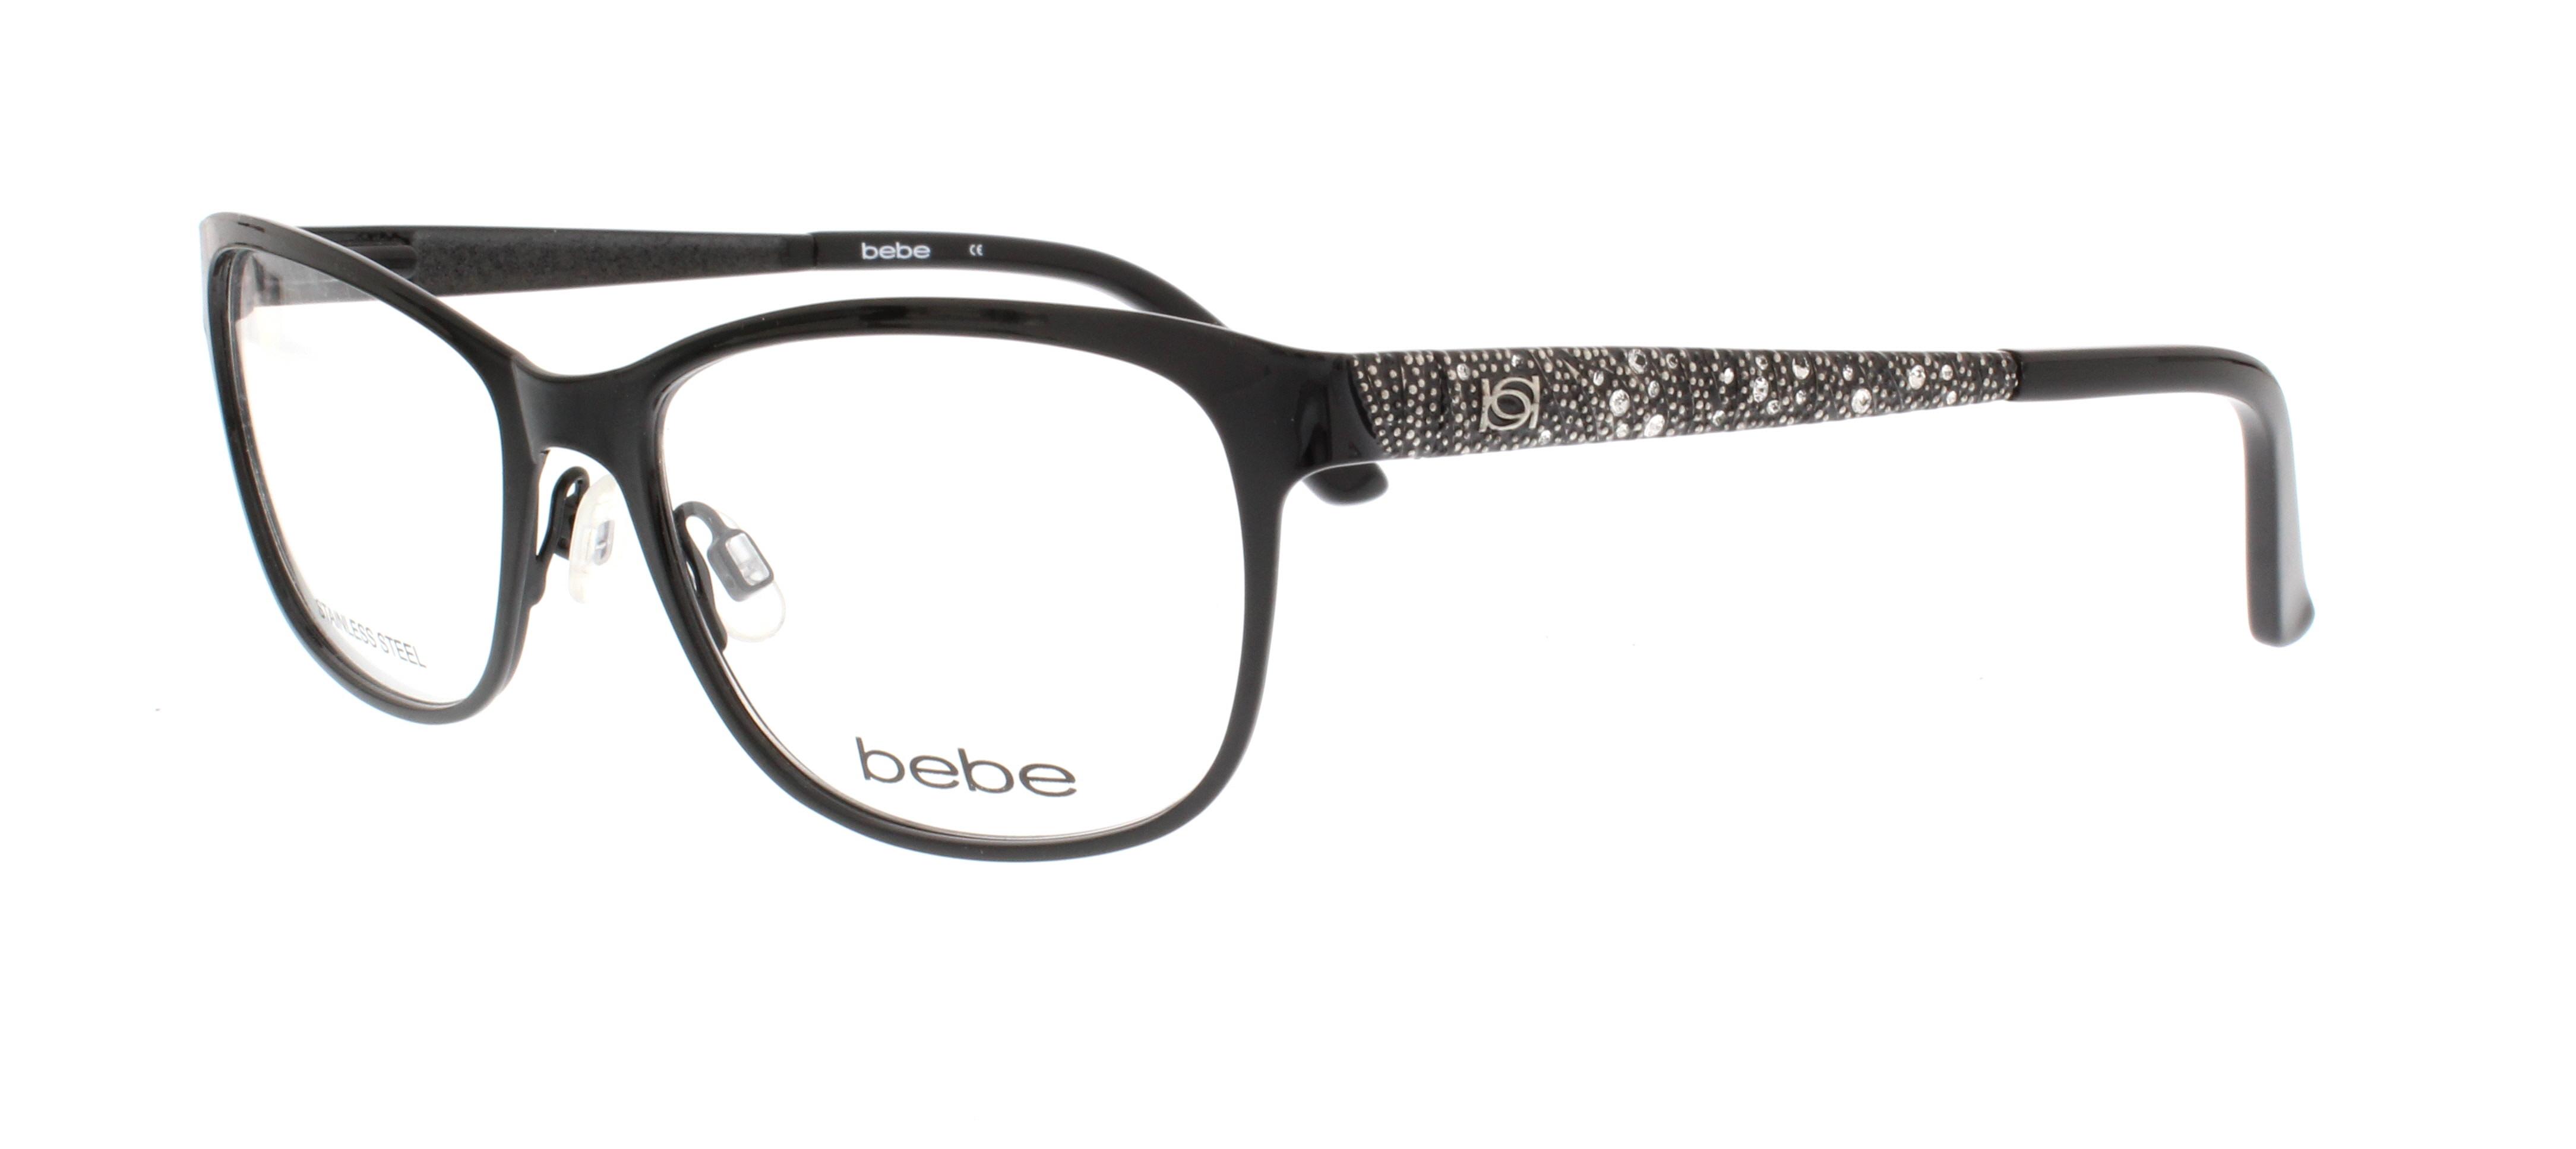 BEBE Eyeglasses BB5067 I NEVER 001 Jet 53MM 788678024404   eBay